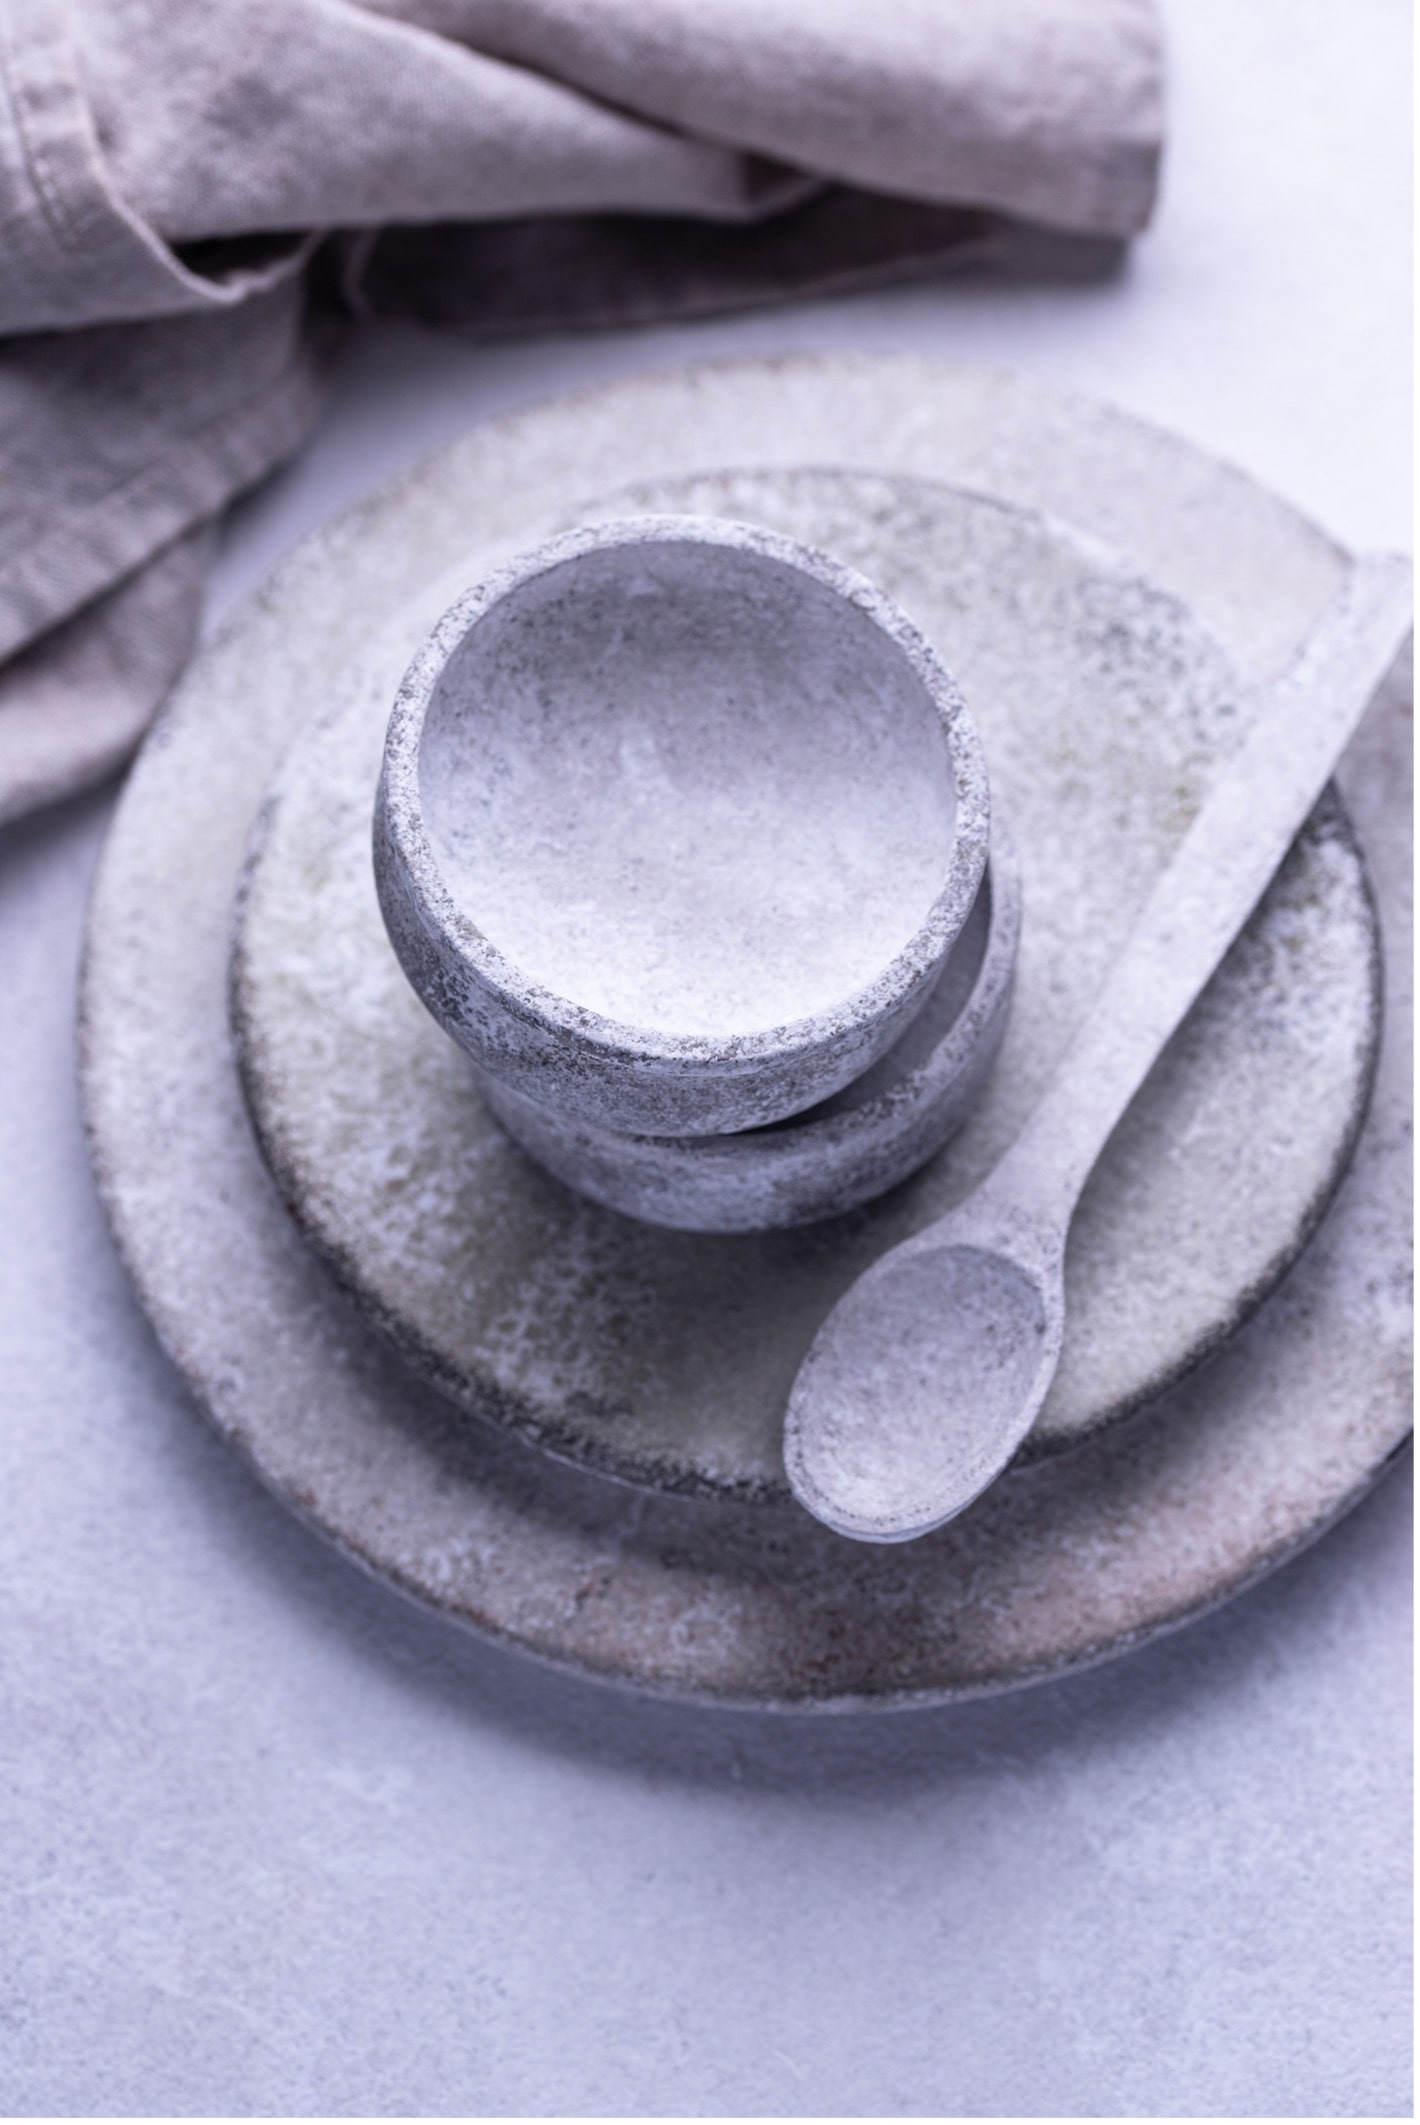 concrete-mixers-concrete-bowl-min